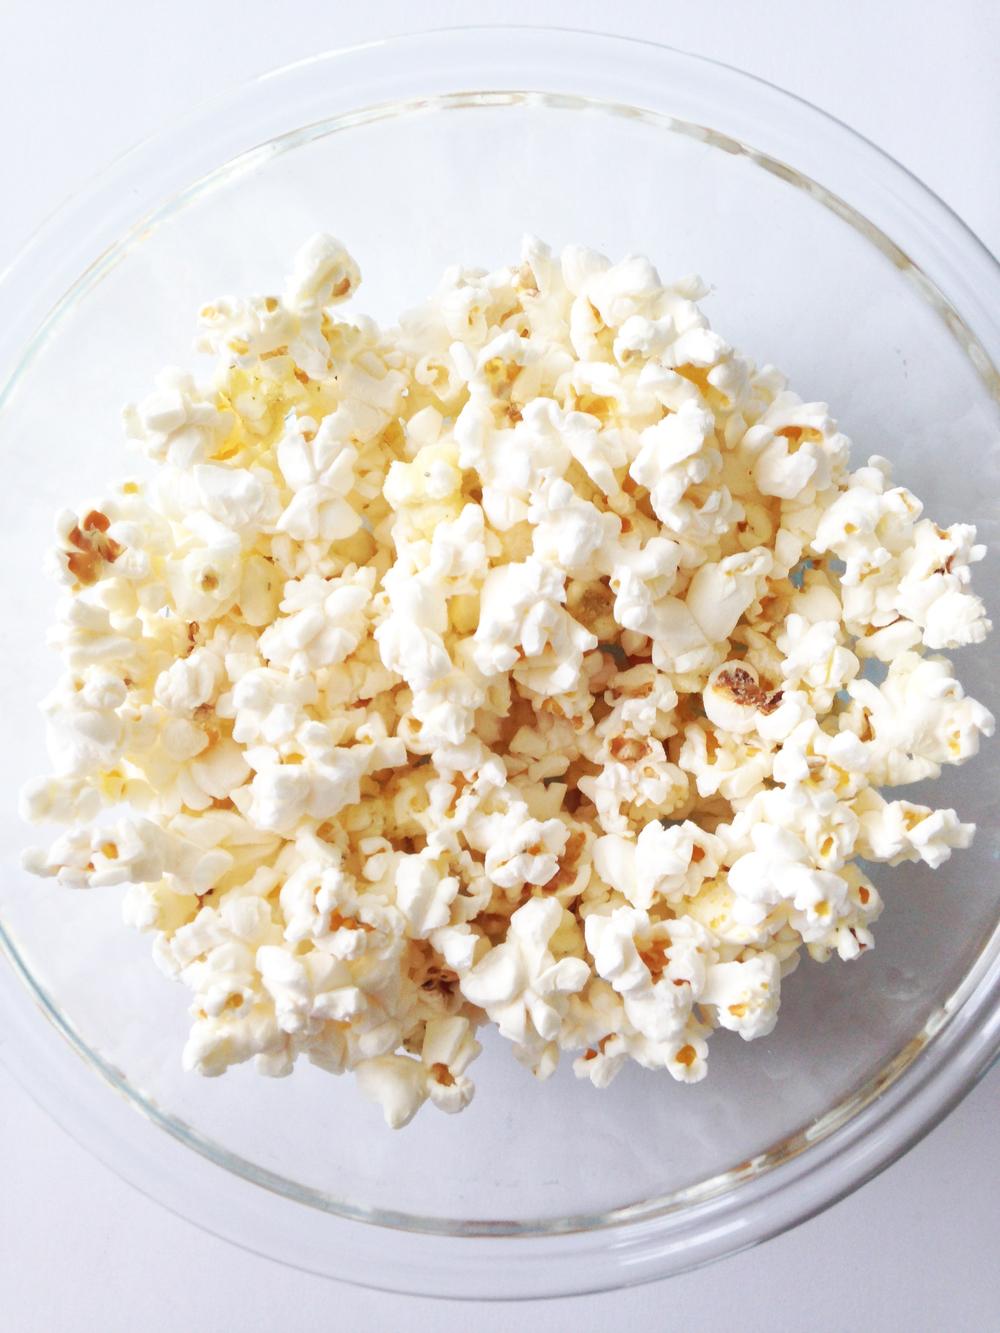 Plain Popcorn Bags Some Plain Popcorn Kernels